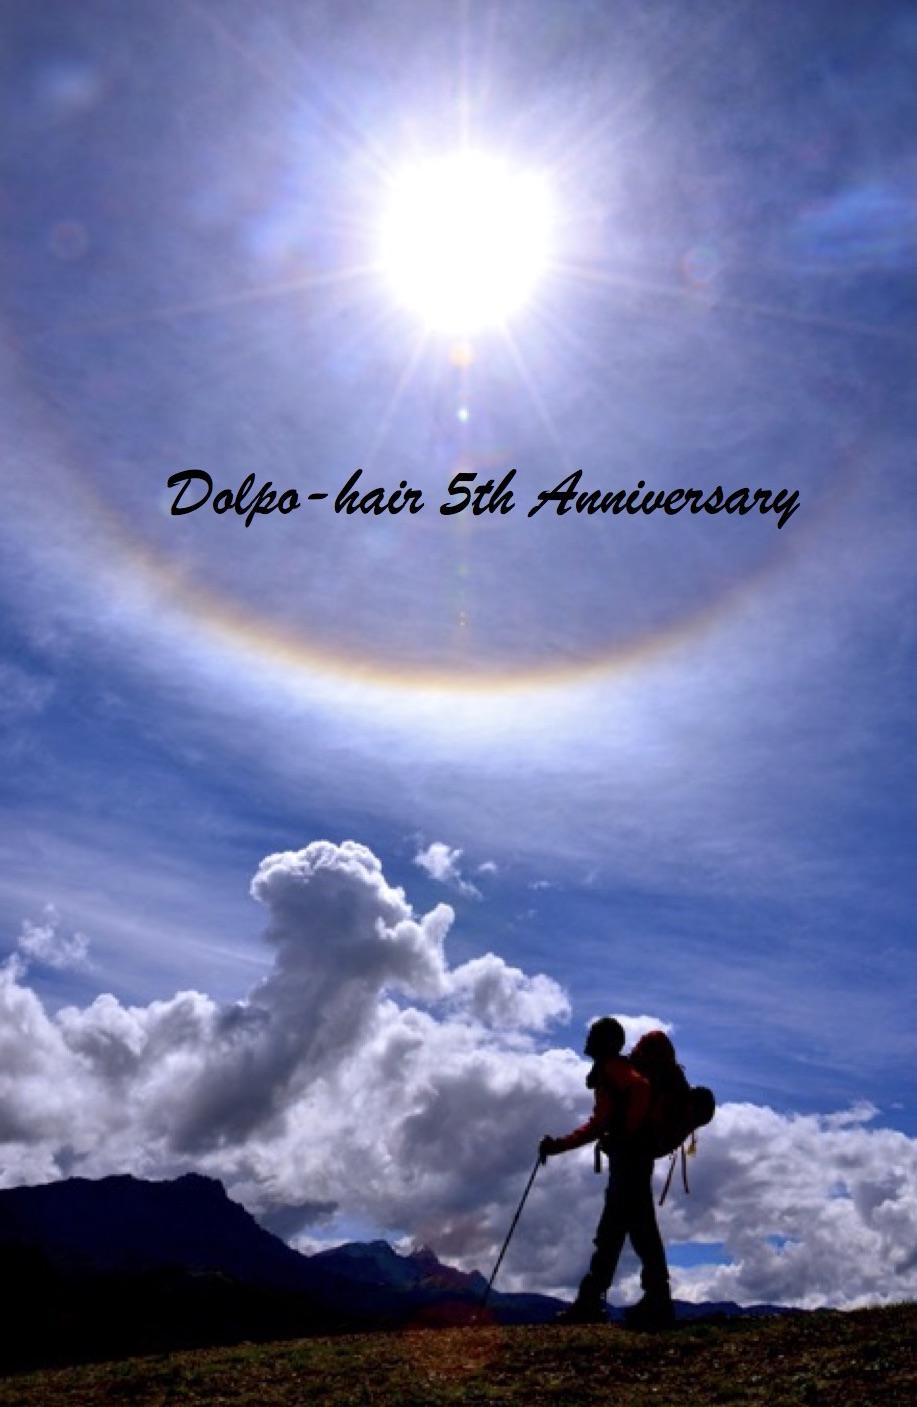 Dolpo-hair 5周年イベント 金剛山・樹氷ハイキング & のんびりDBC_e0111396_0402038.jpg